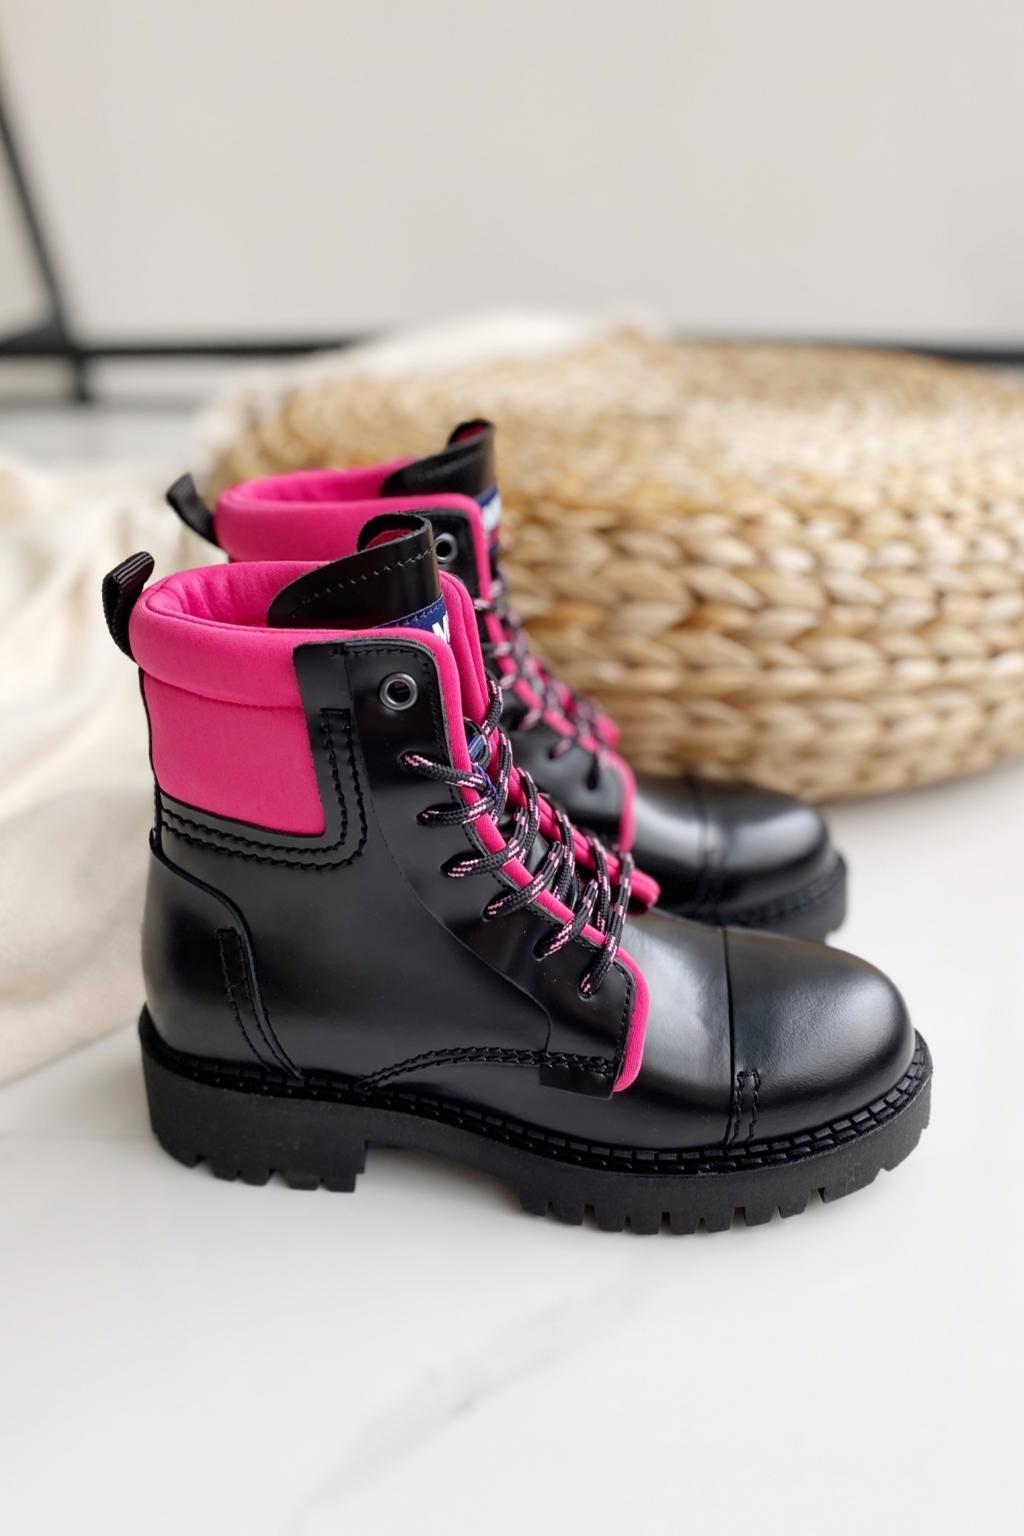 Tommy Jeans fashion boots dámské - černá, růžová